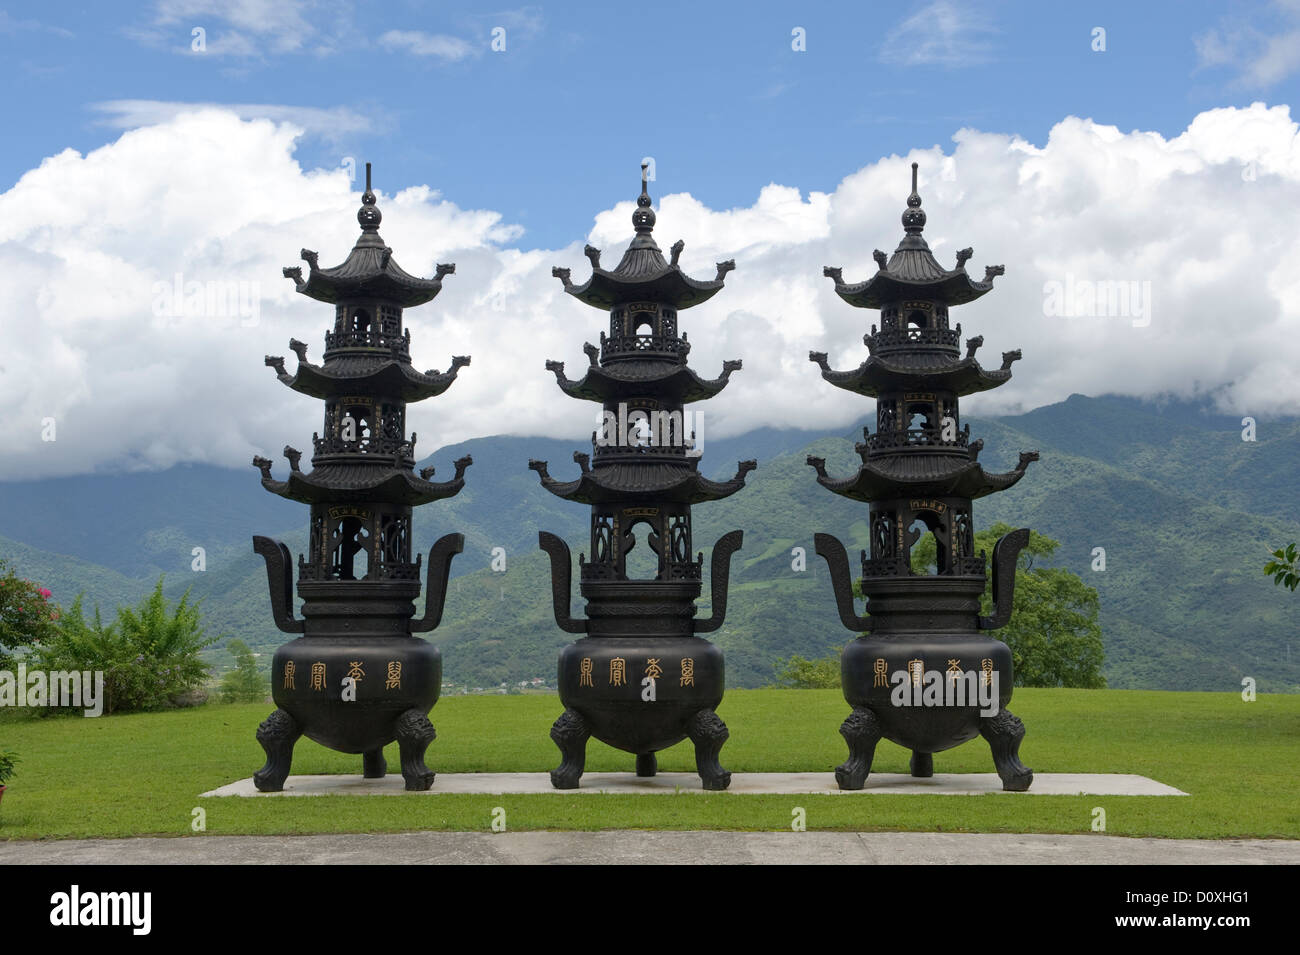 Asia, Taiwan, tempio, Dong Fu Zan, East River Valley, religione Immagini Stock